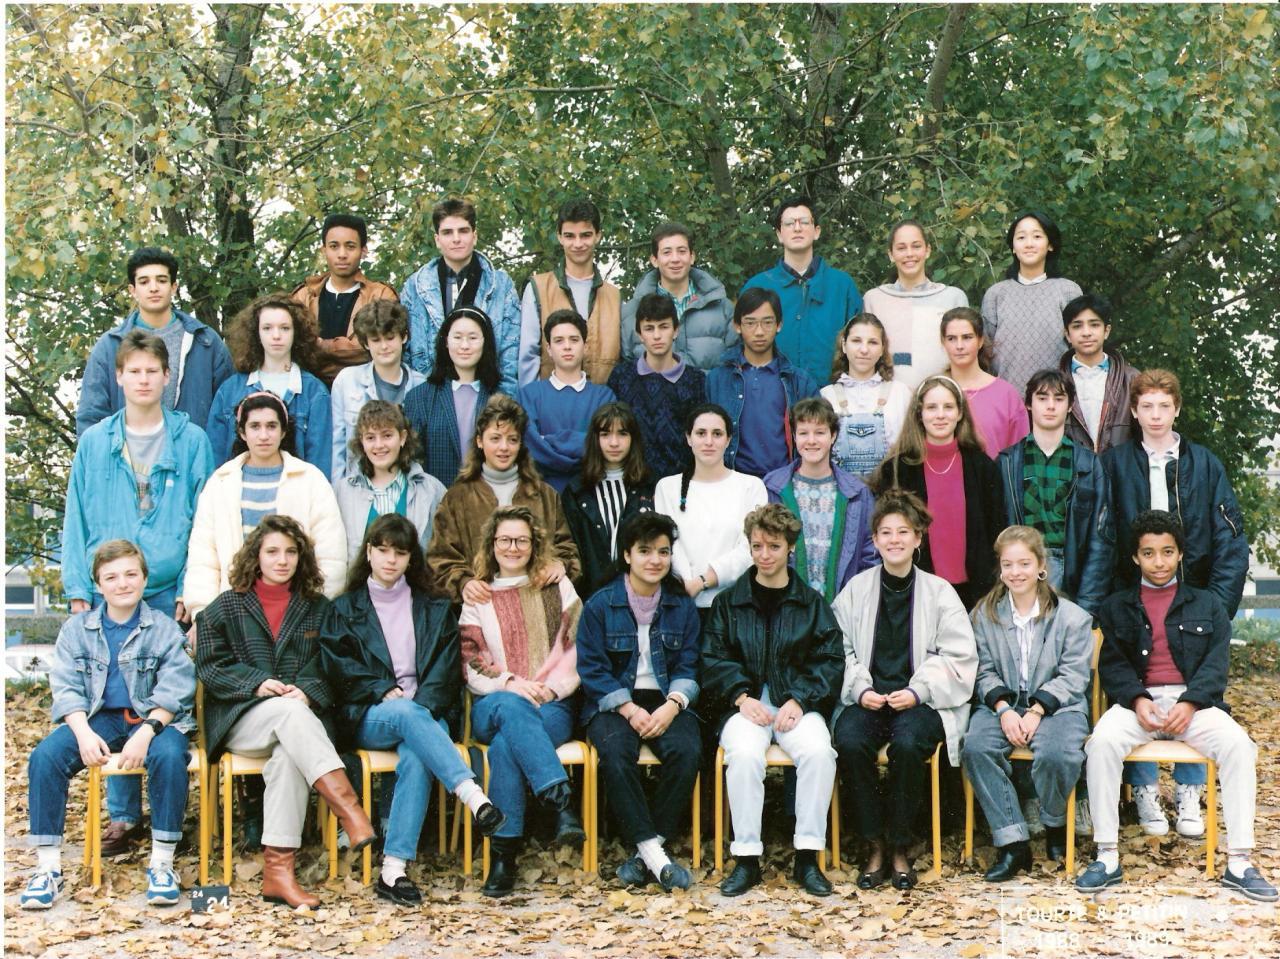 1989 - 2nde 9